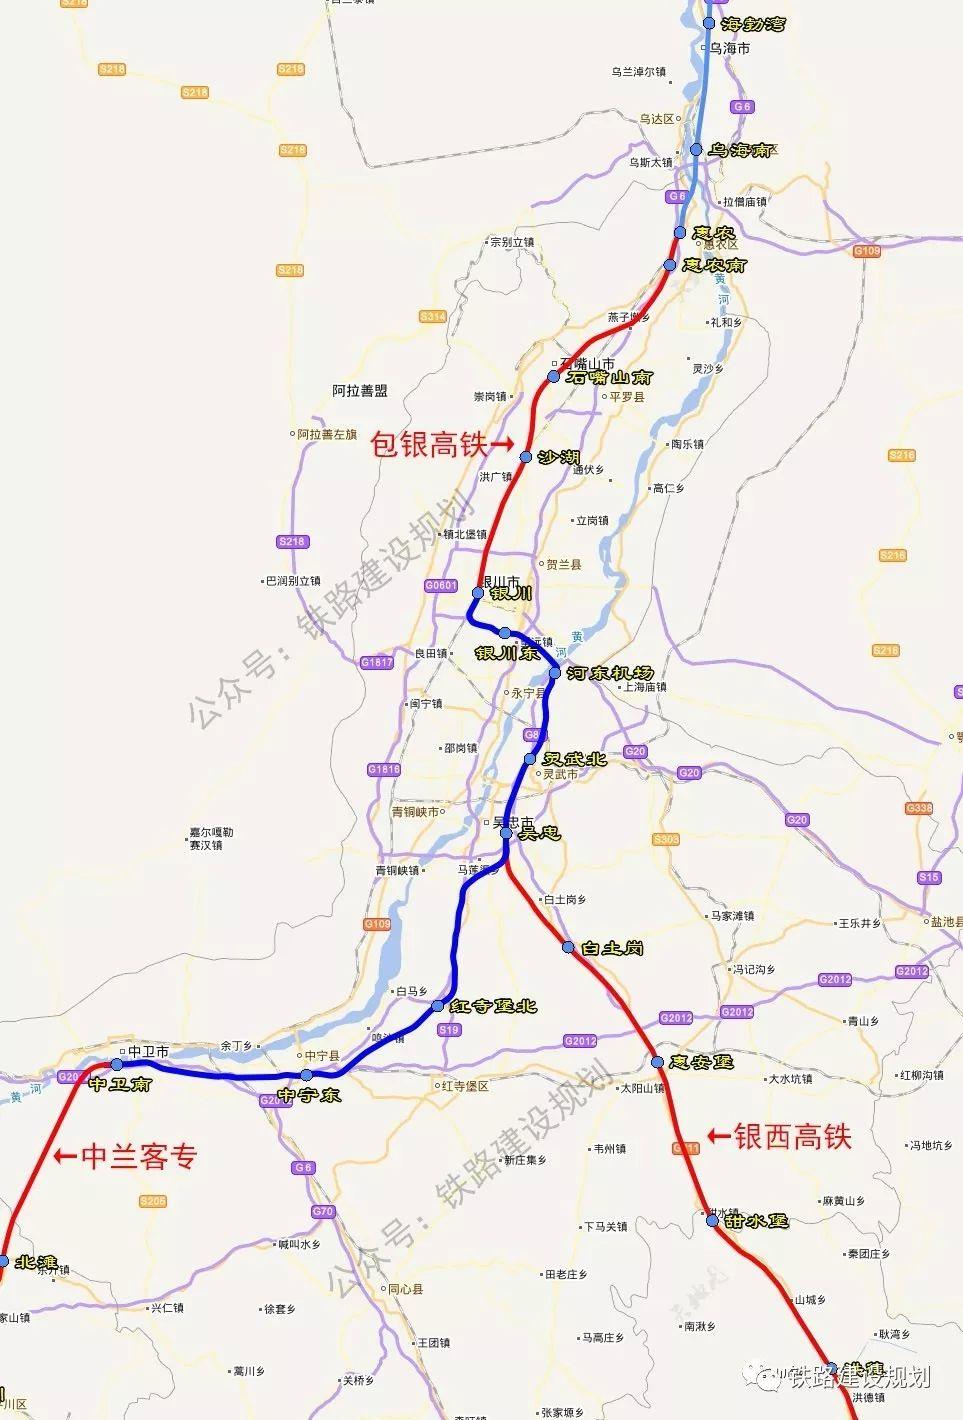 银西高铁宁夏段12月29日开通运营,12306已售票!距离庆阳还远吗?